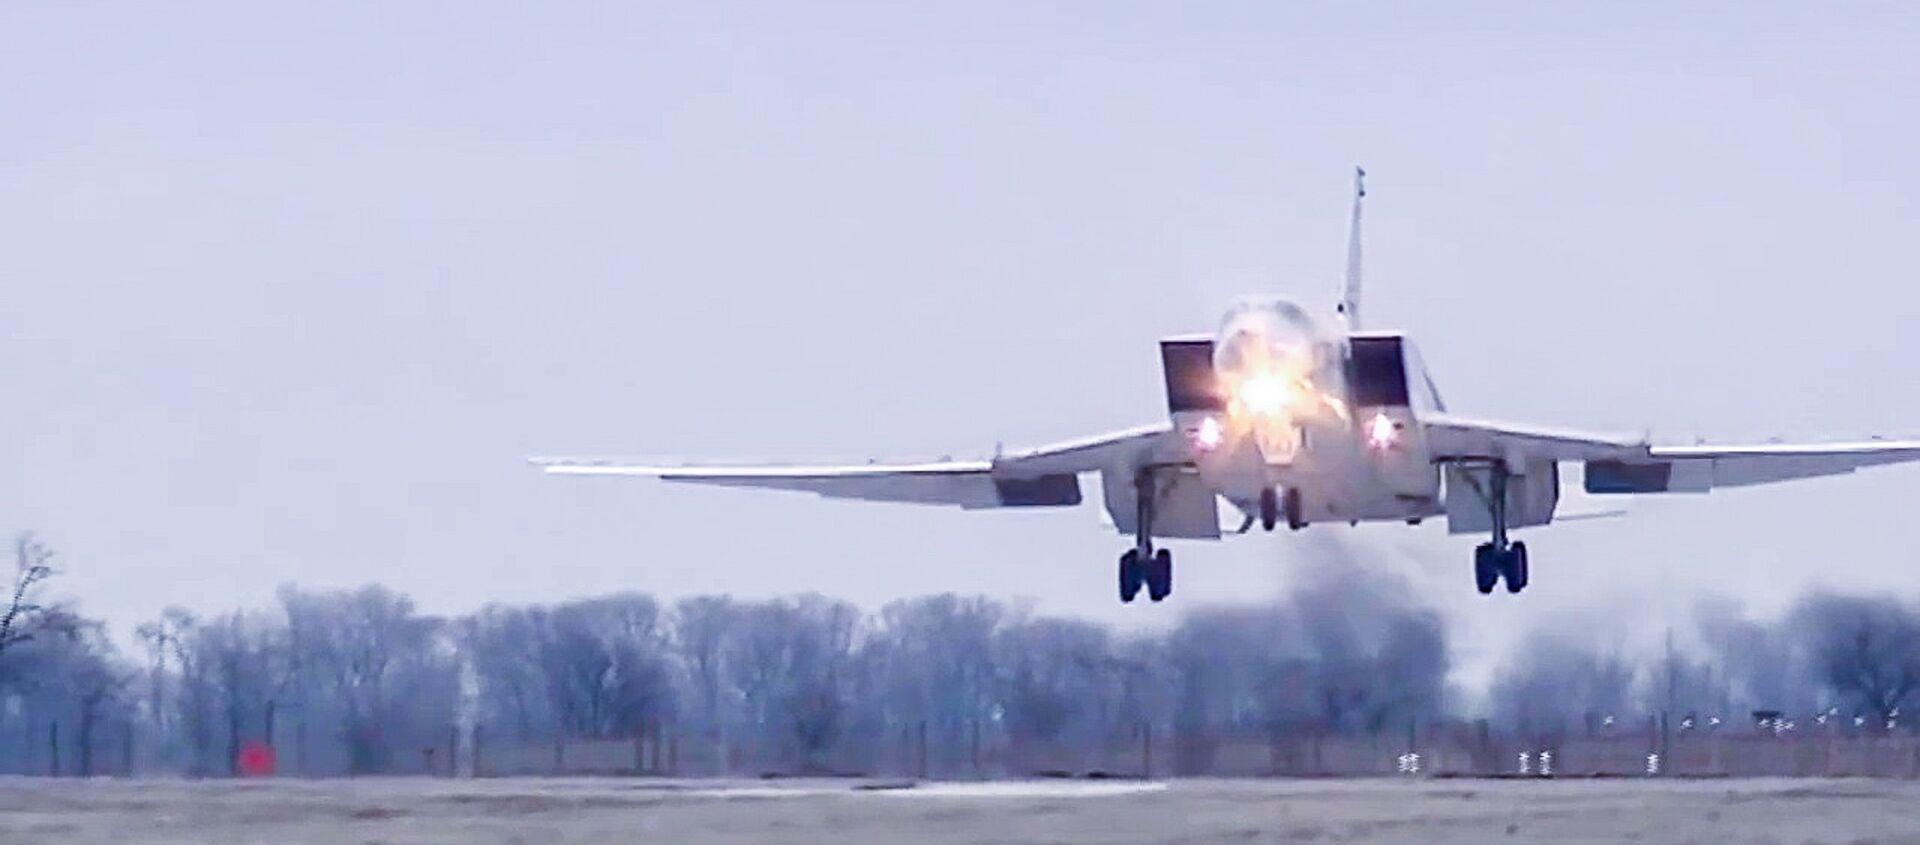 Rosyjski bombowiec dalekiego zasięgu Tu-22 M3. - Sputnik Česká republika, 1920, 20.02.2020